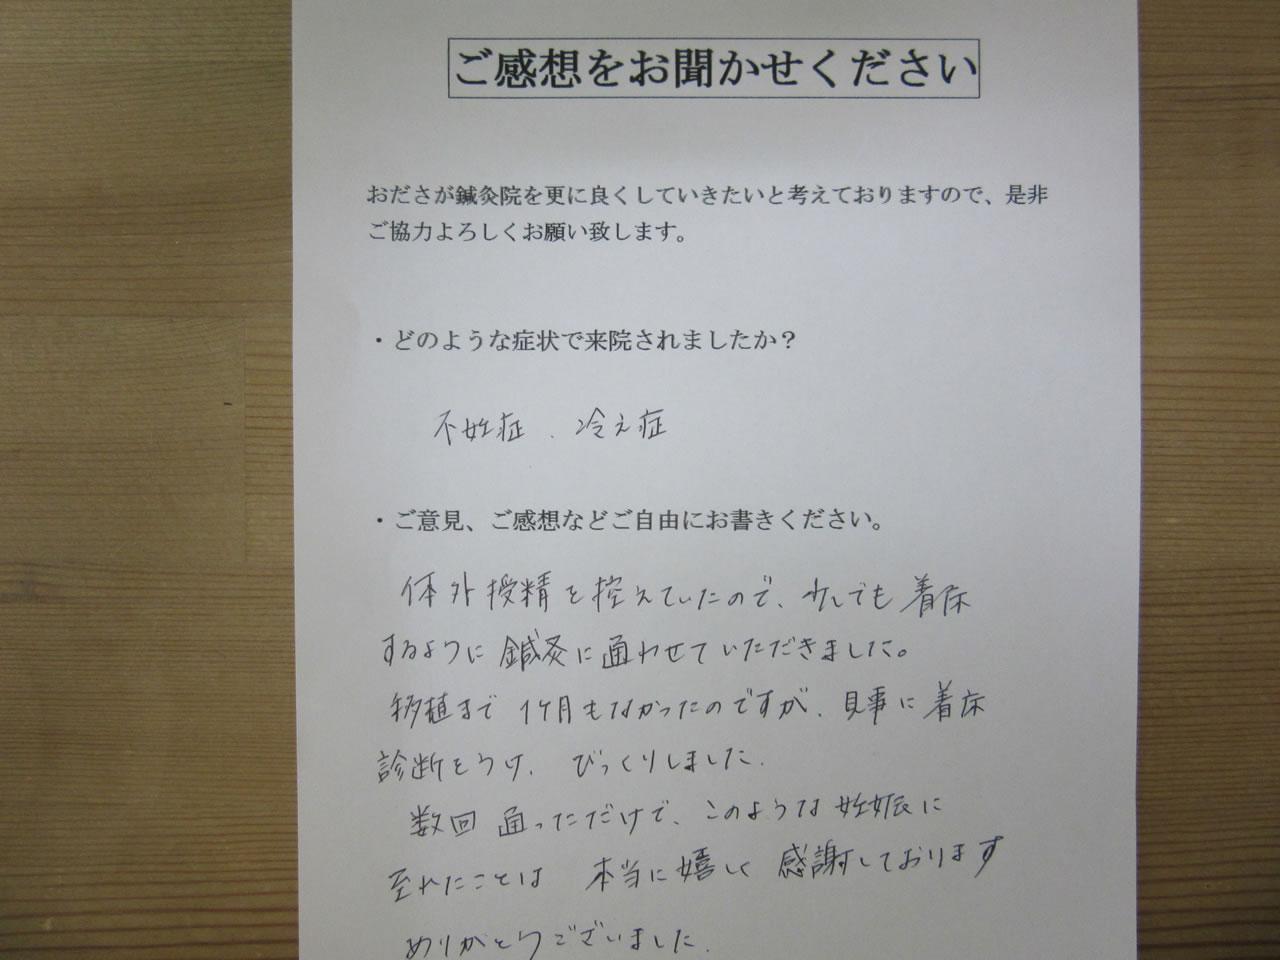 患者からの 手書き手紙 主婦 不妊症、冷え性